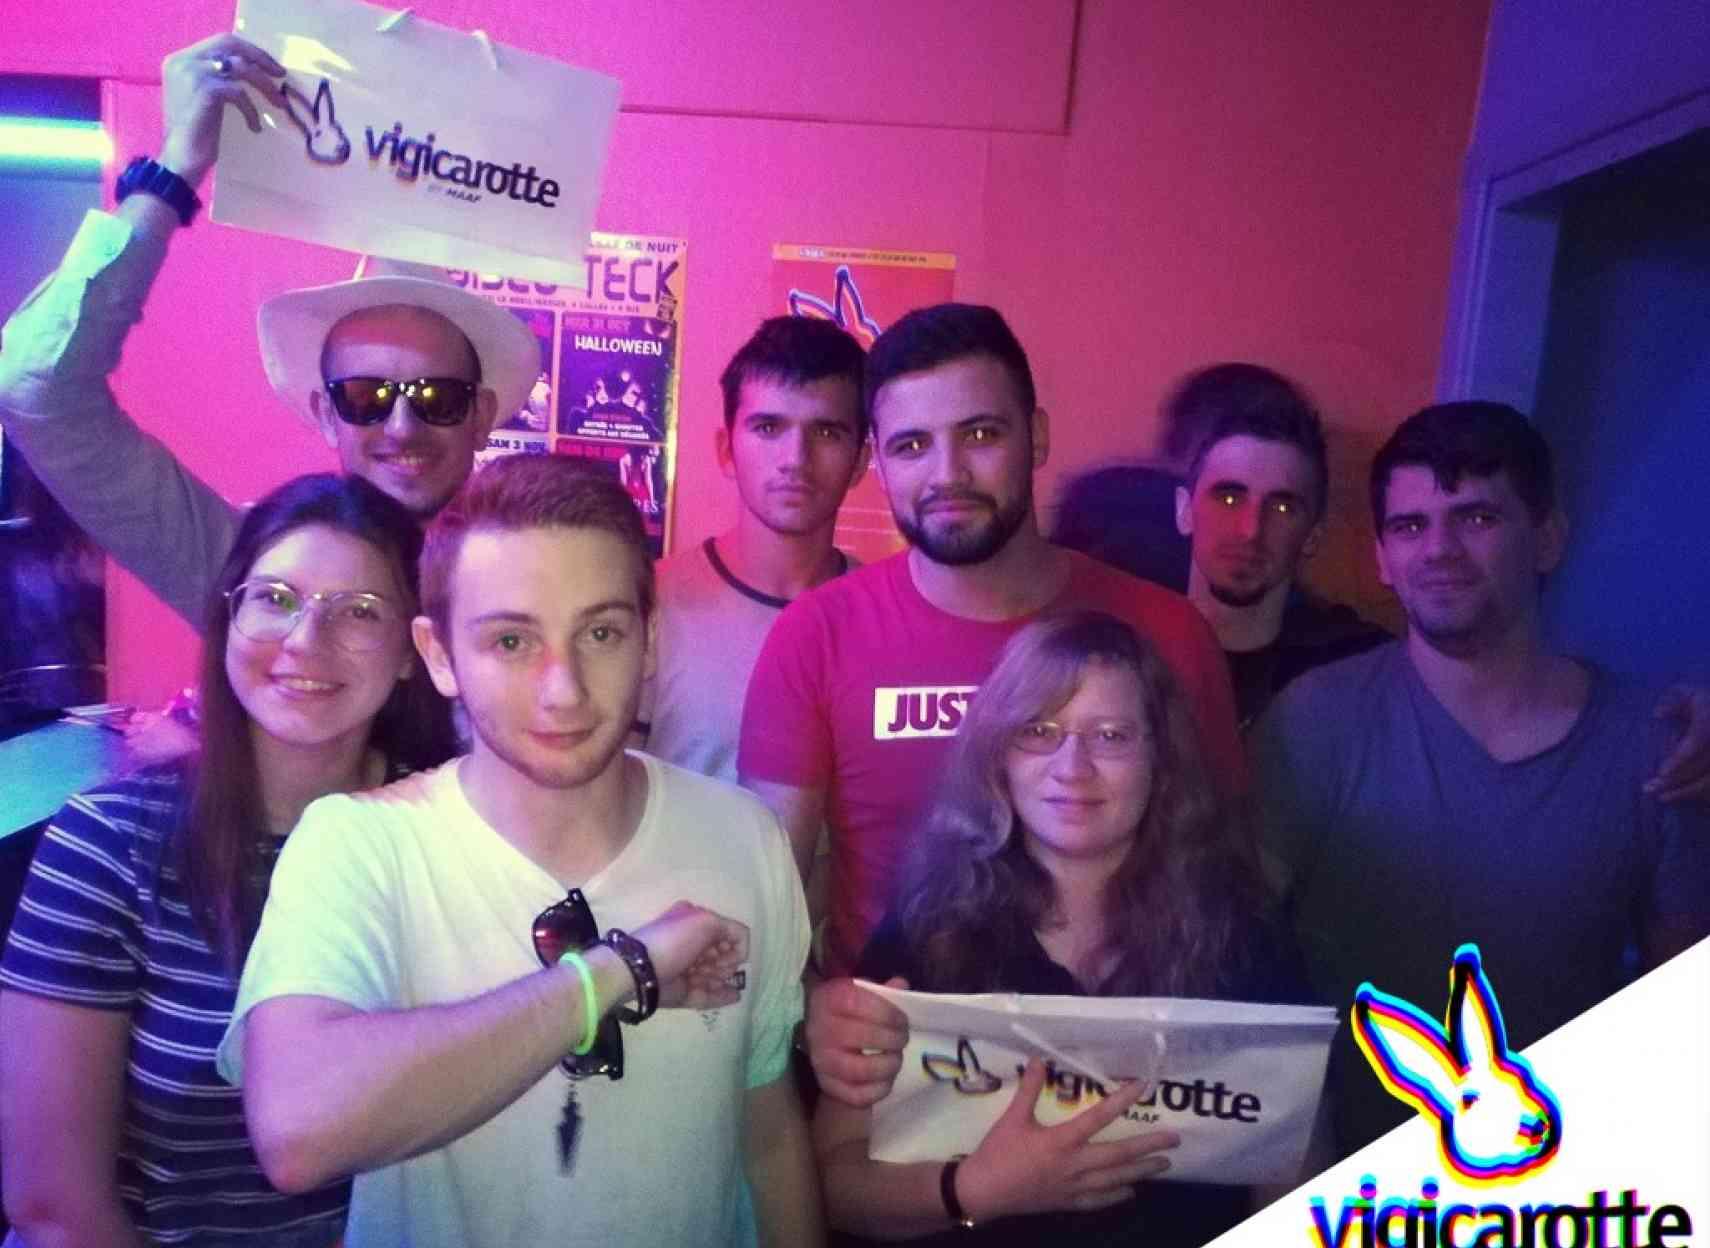 soirée vigicarotte Le Disco Teck